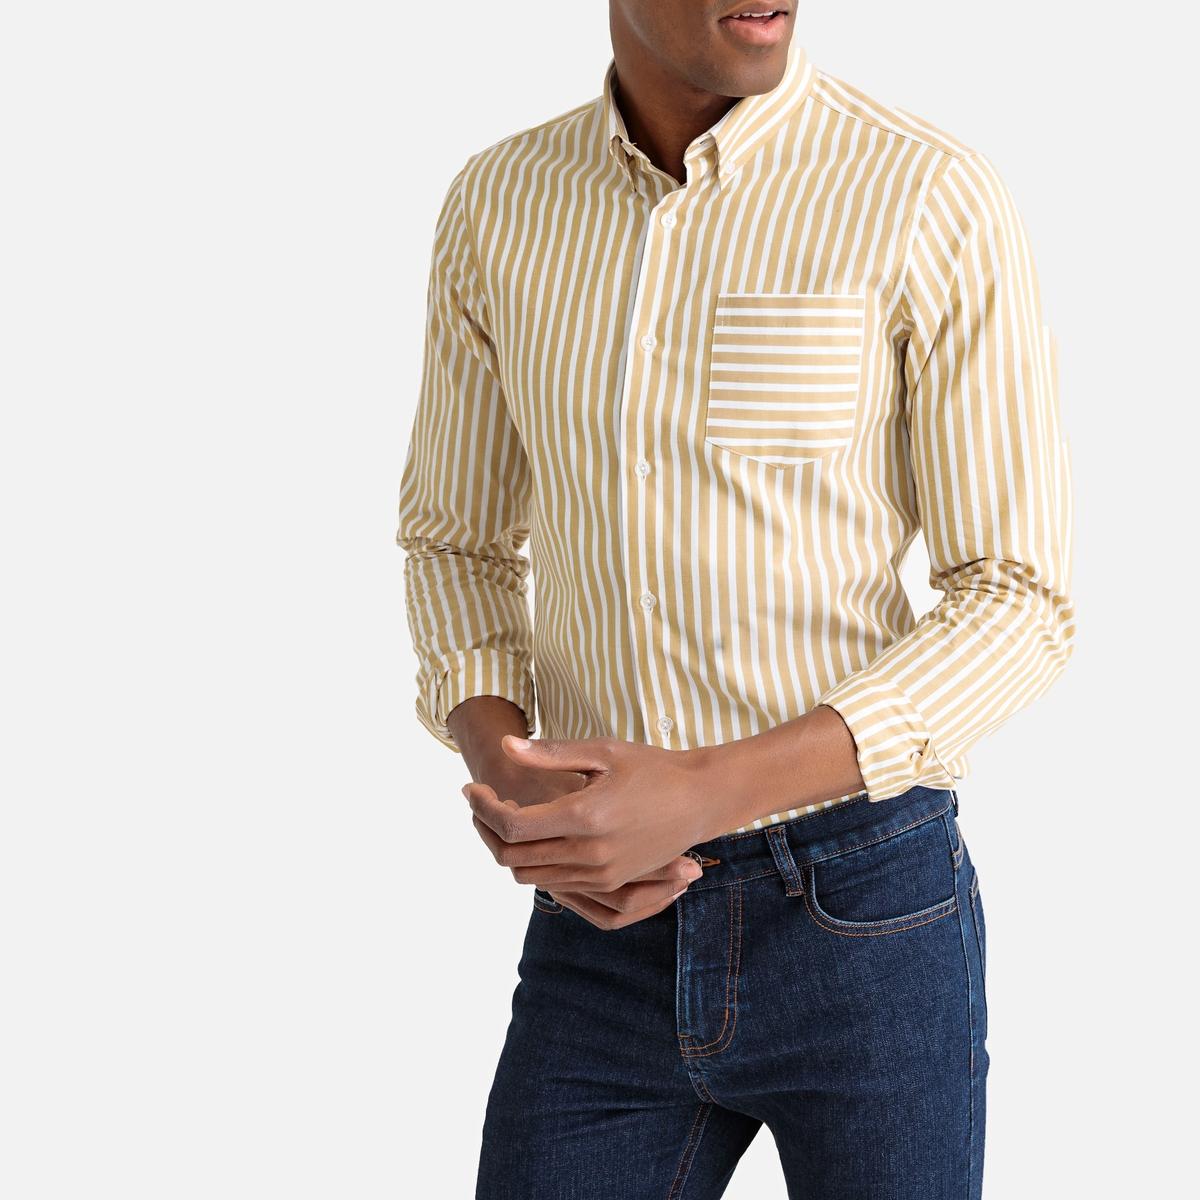 Camisa a rayas, corte ajustado